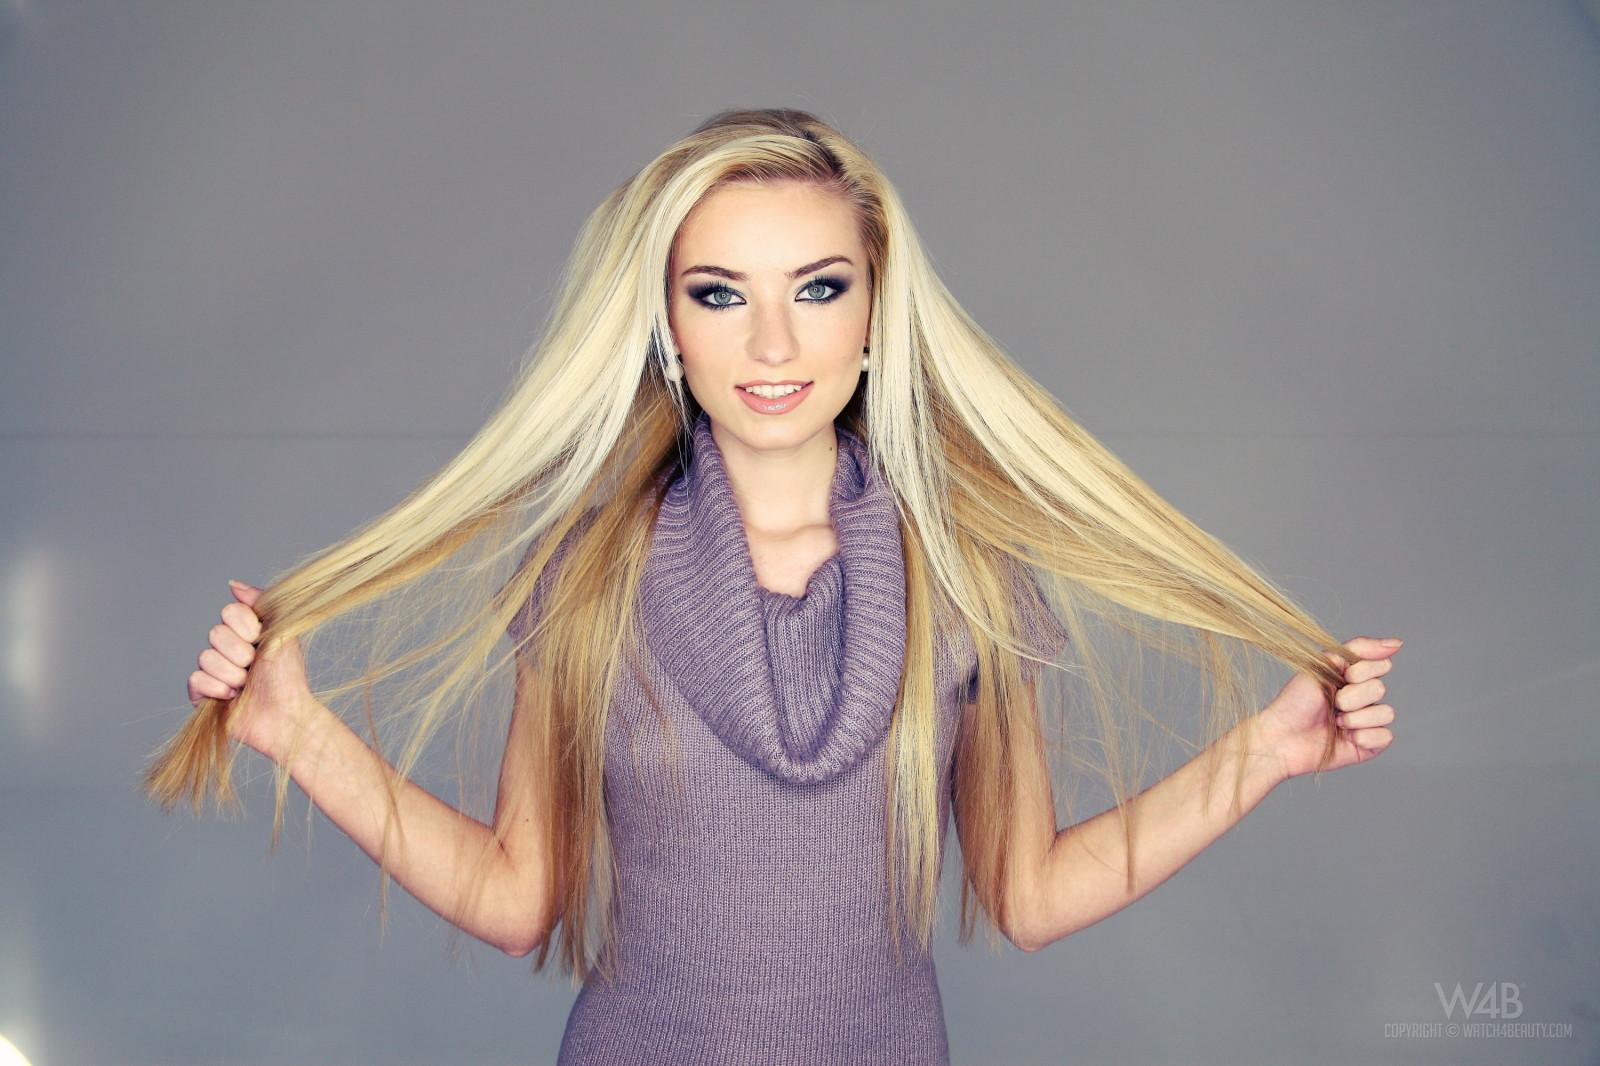 Sfondi : viso, donne, modello, bionda, capelli lunghi